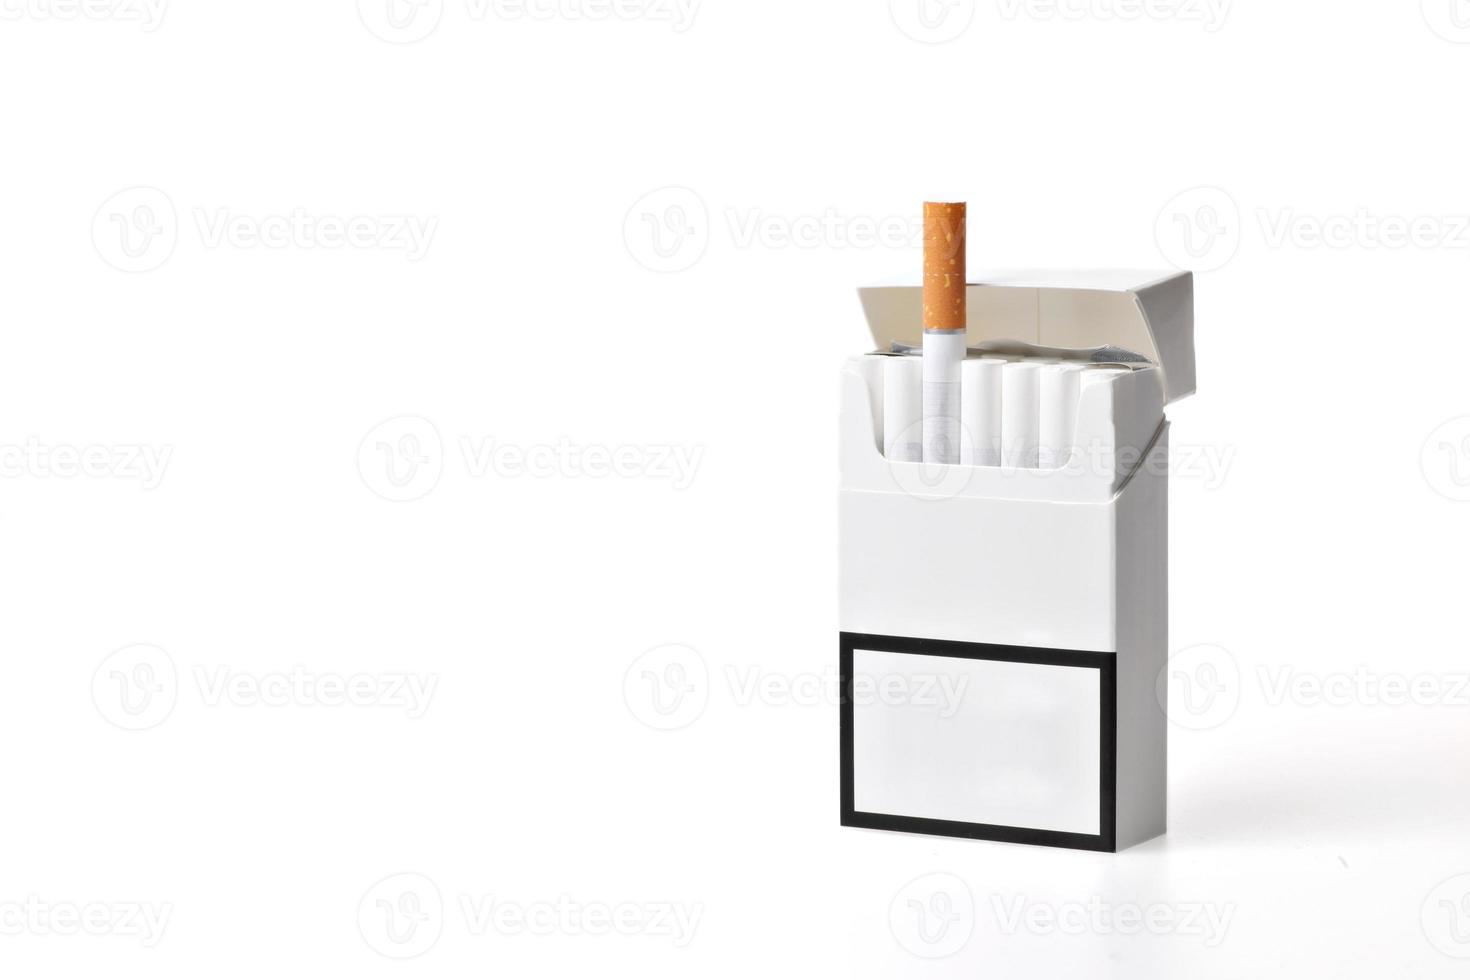 maço de cigarro foto